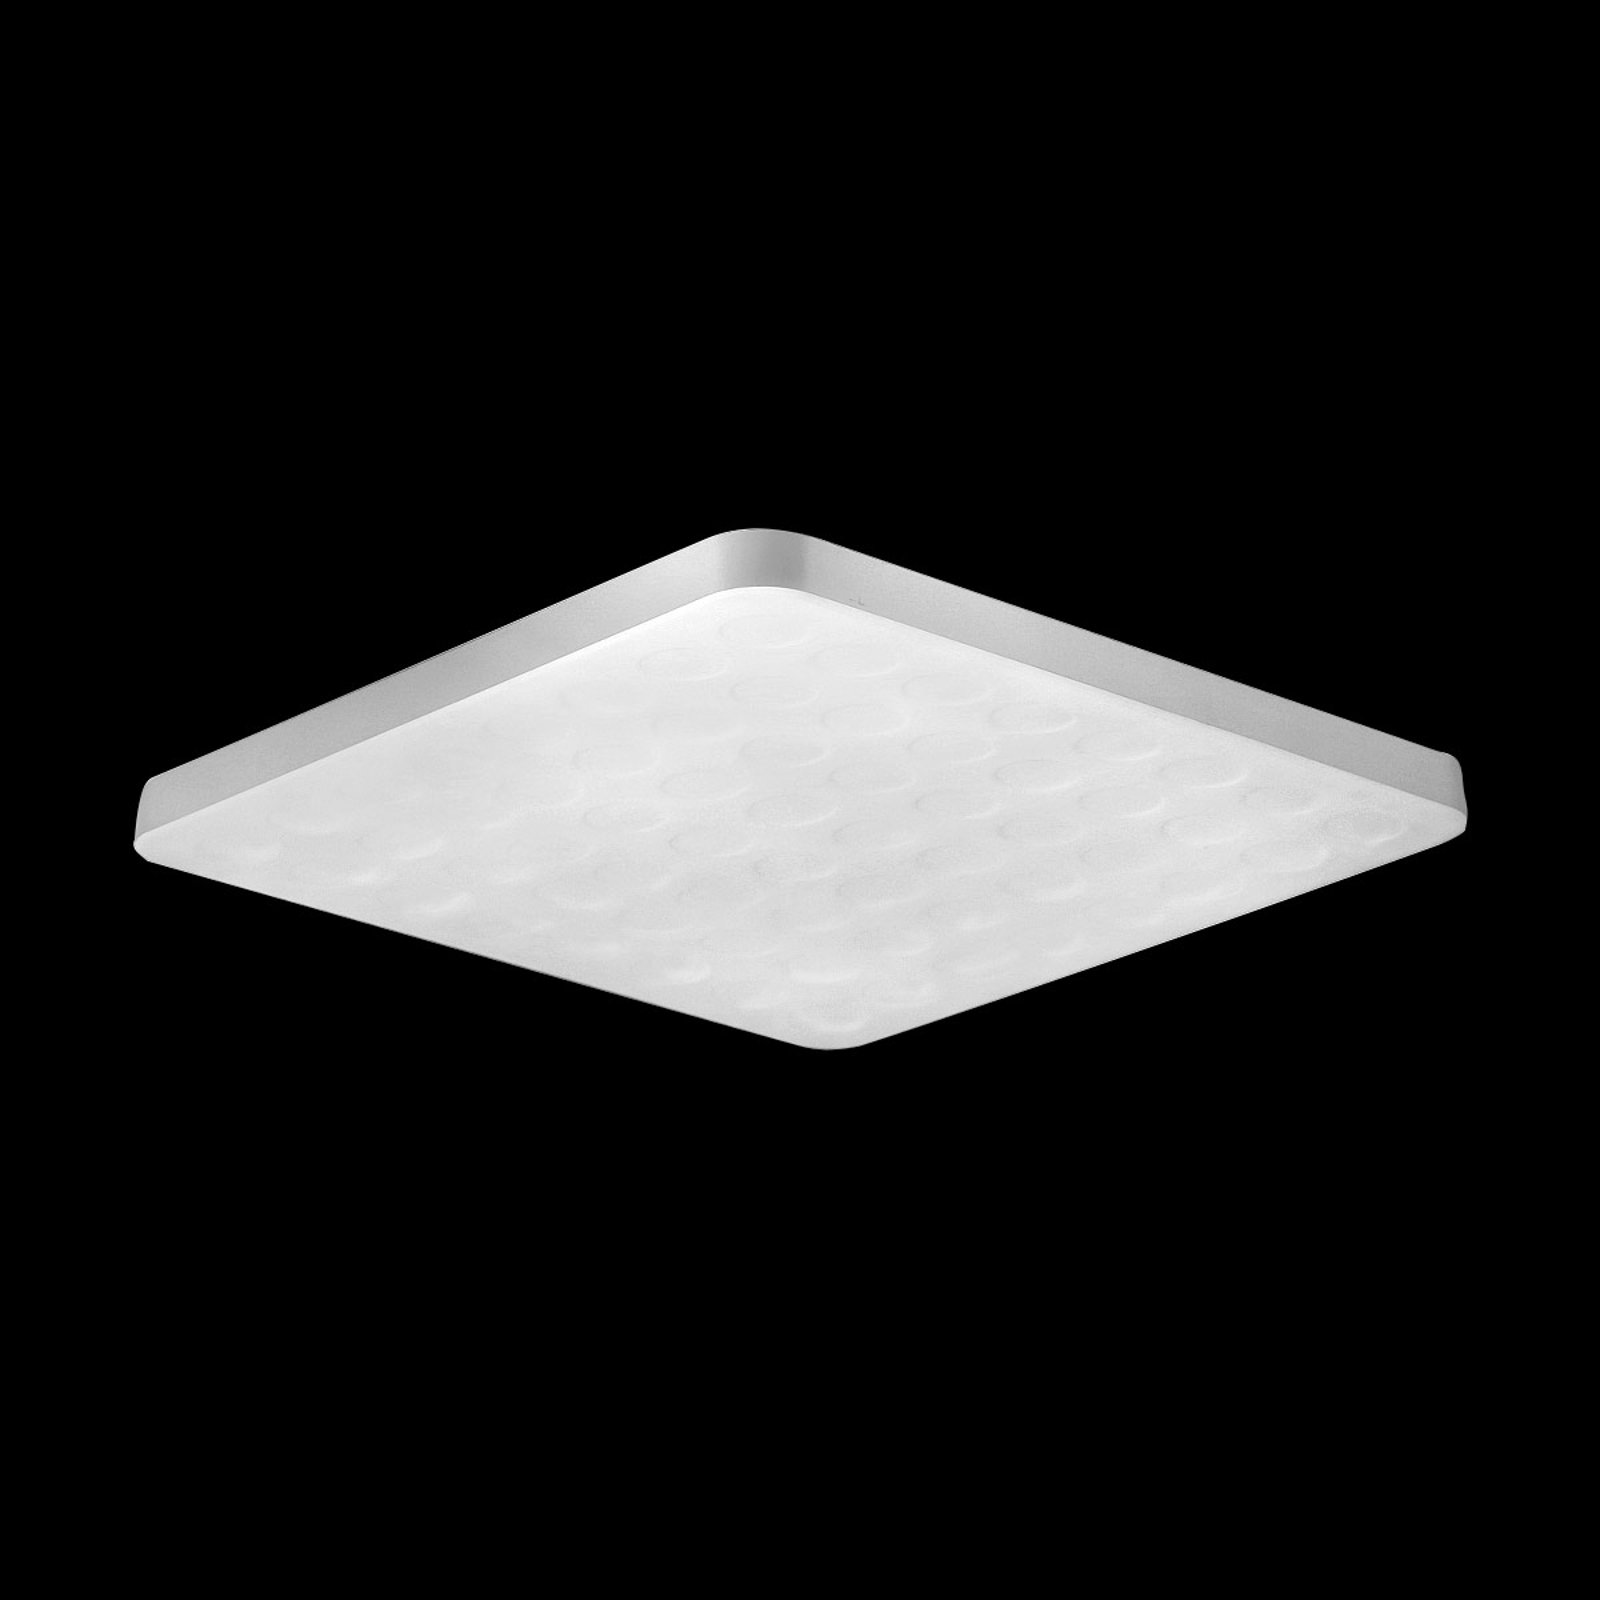 Polly LED-Taklampe 28W, ingen hulling